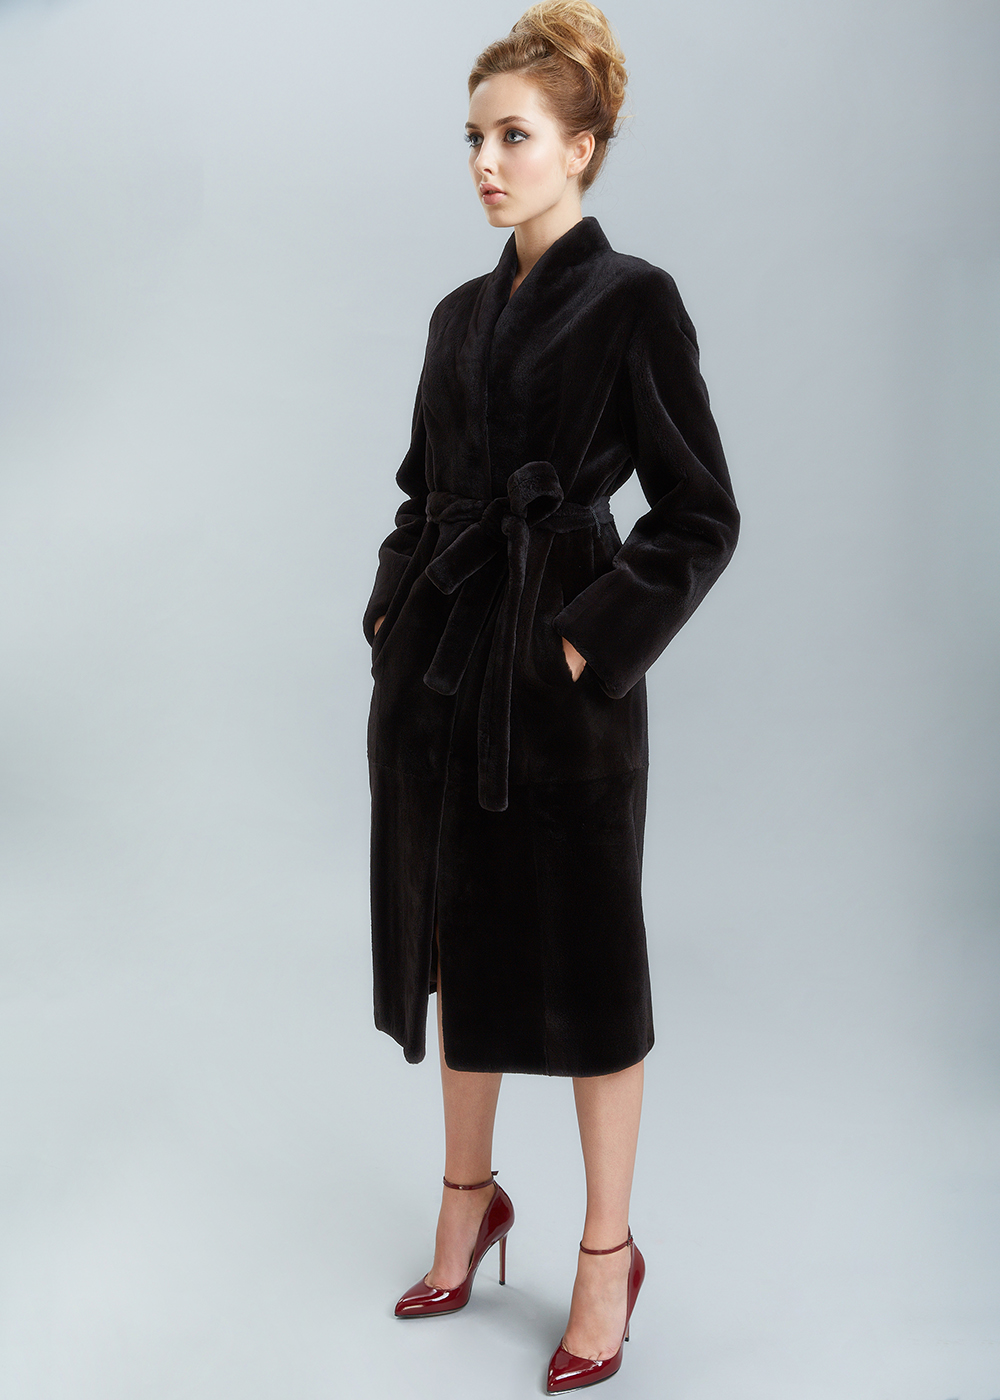 80b8610e58a Пальто из норки Blackglama c меховым поясом